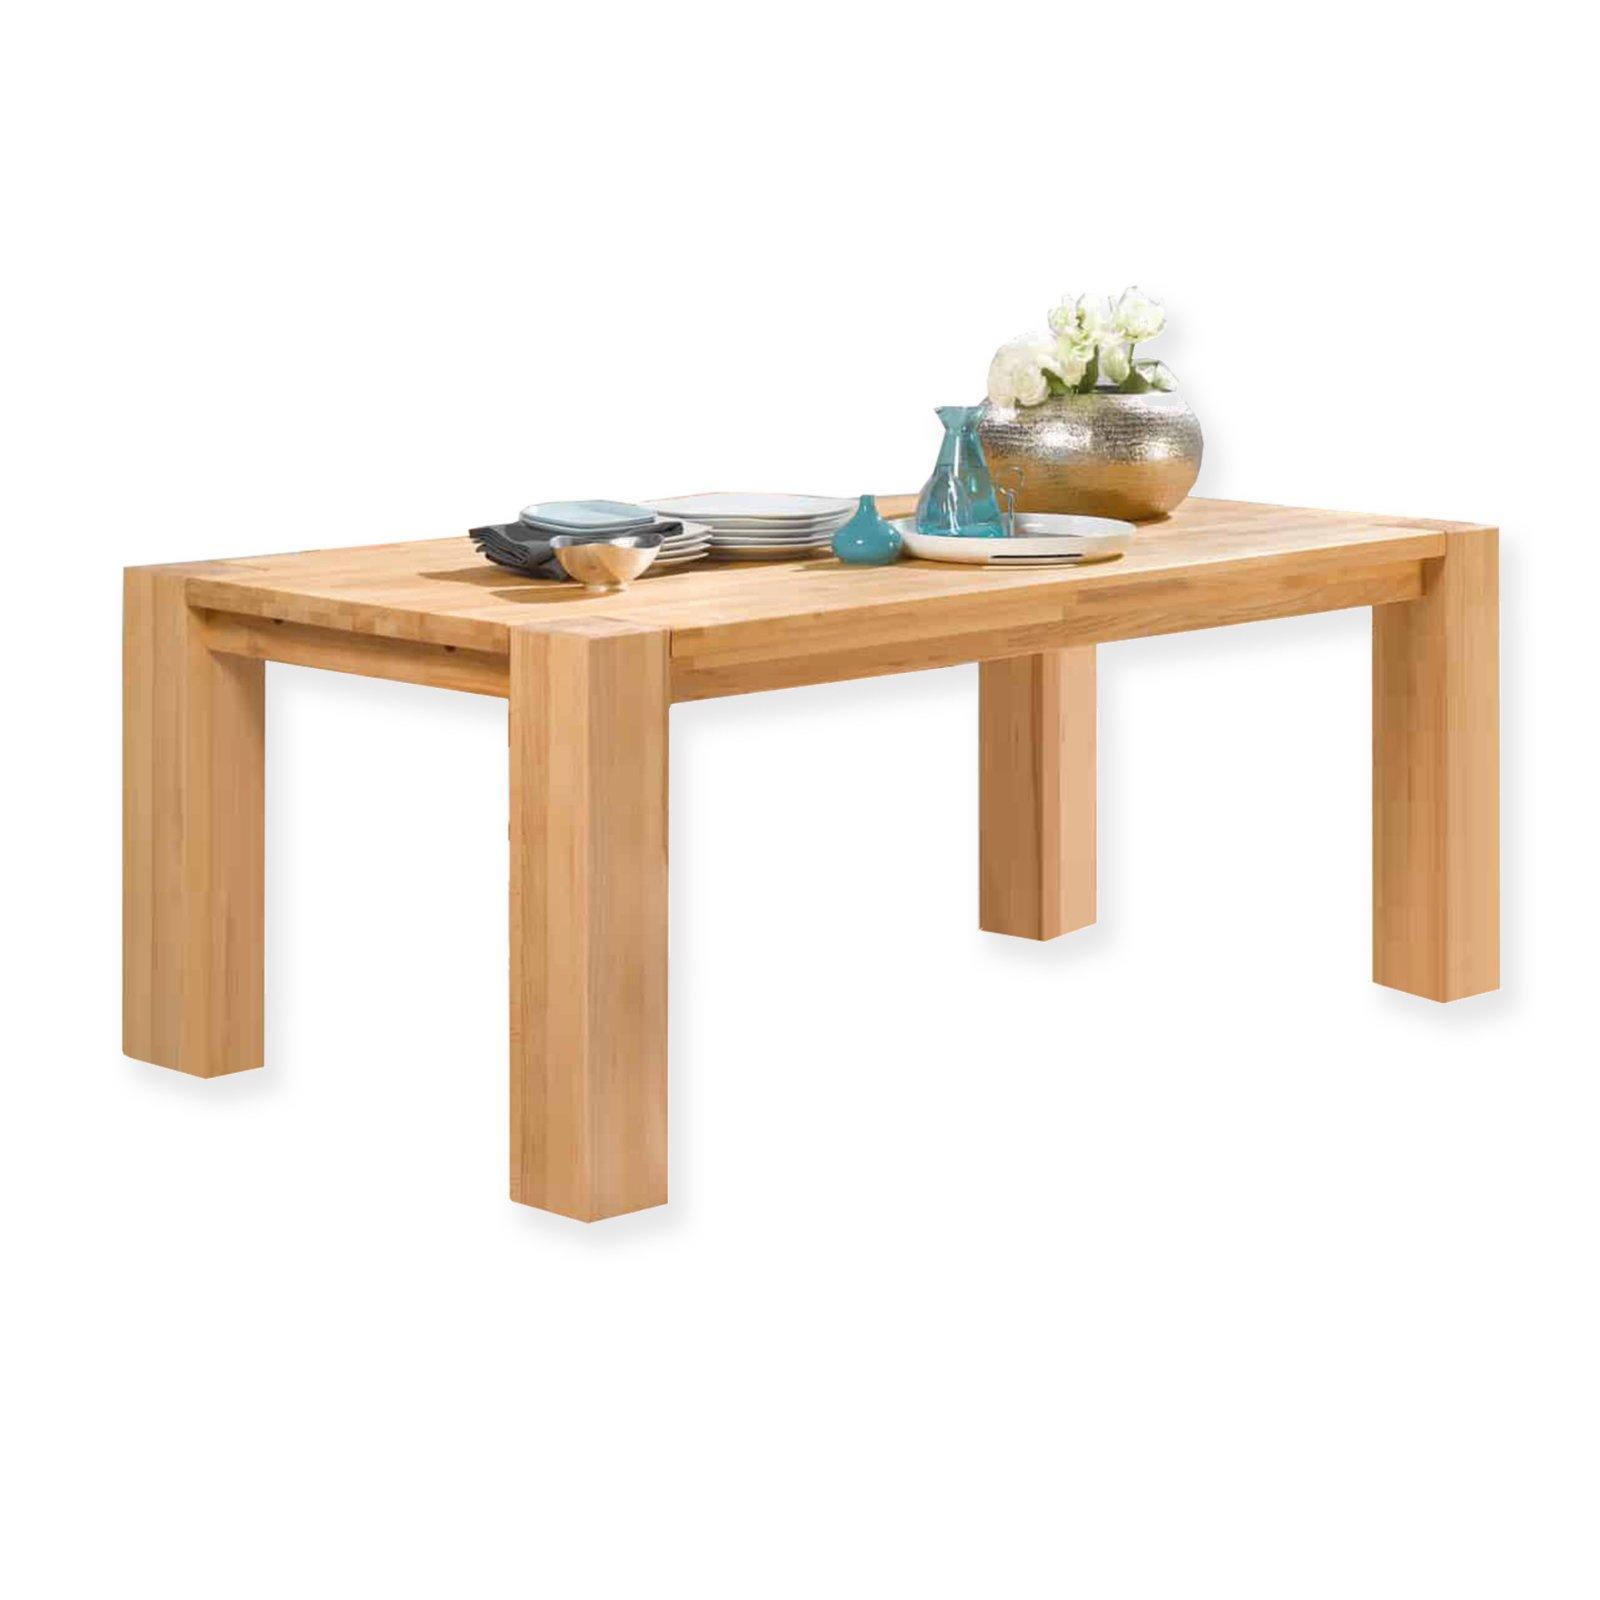 Tisch enzo kernbuche massiv ge lt esstische sitzen essen esszimmer wohnbereiche - Roller esszimmer ...